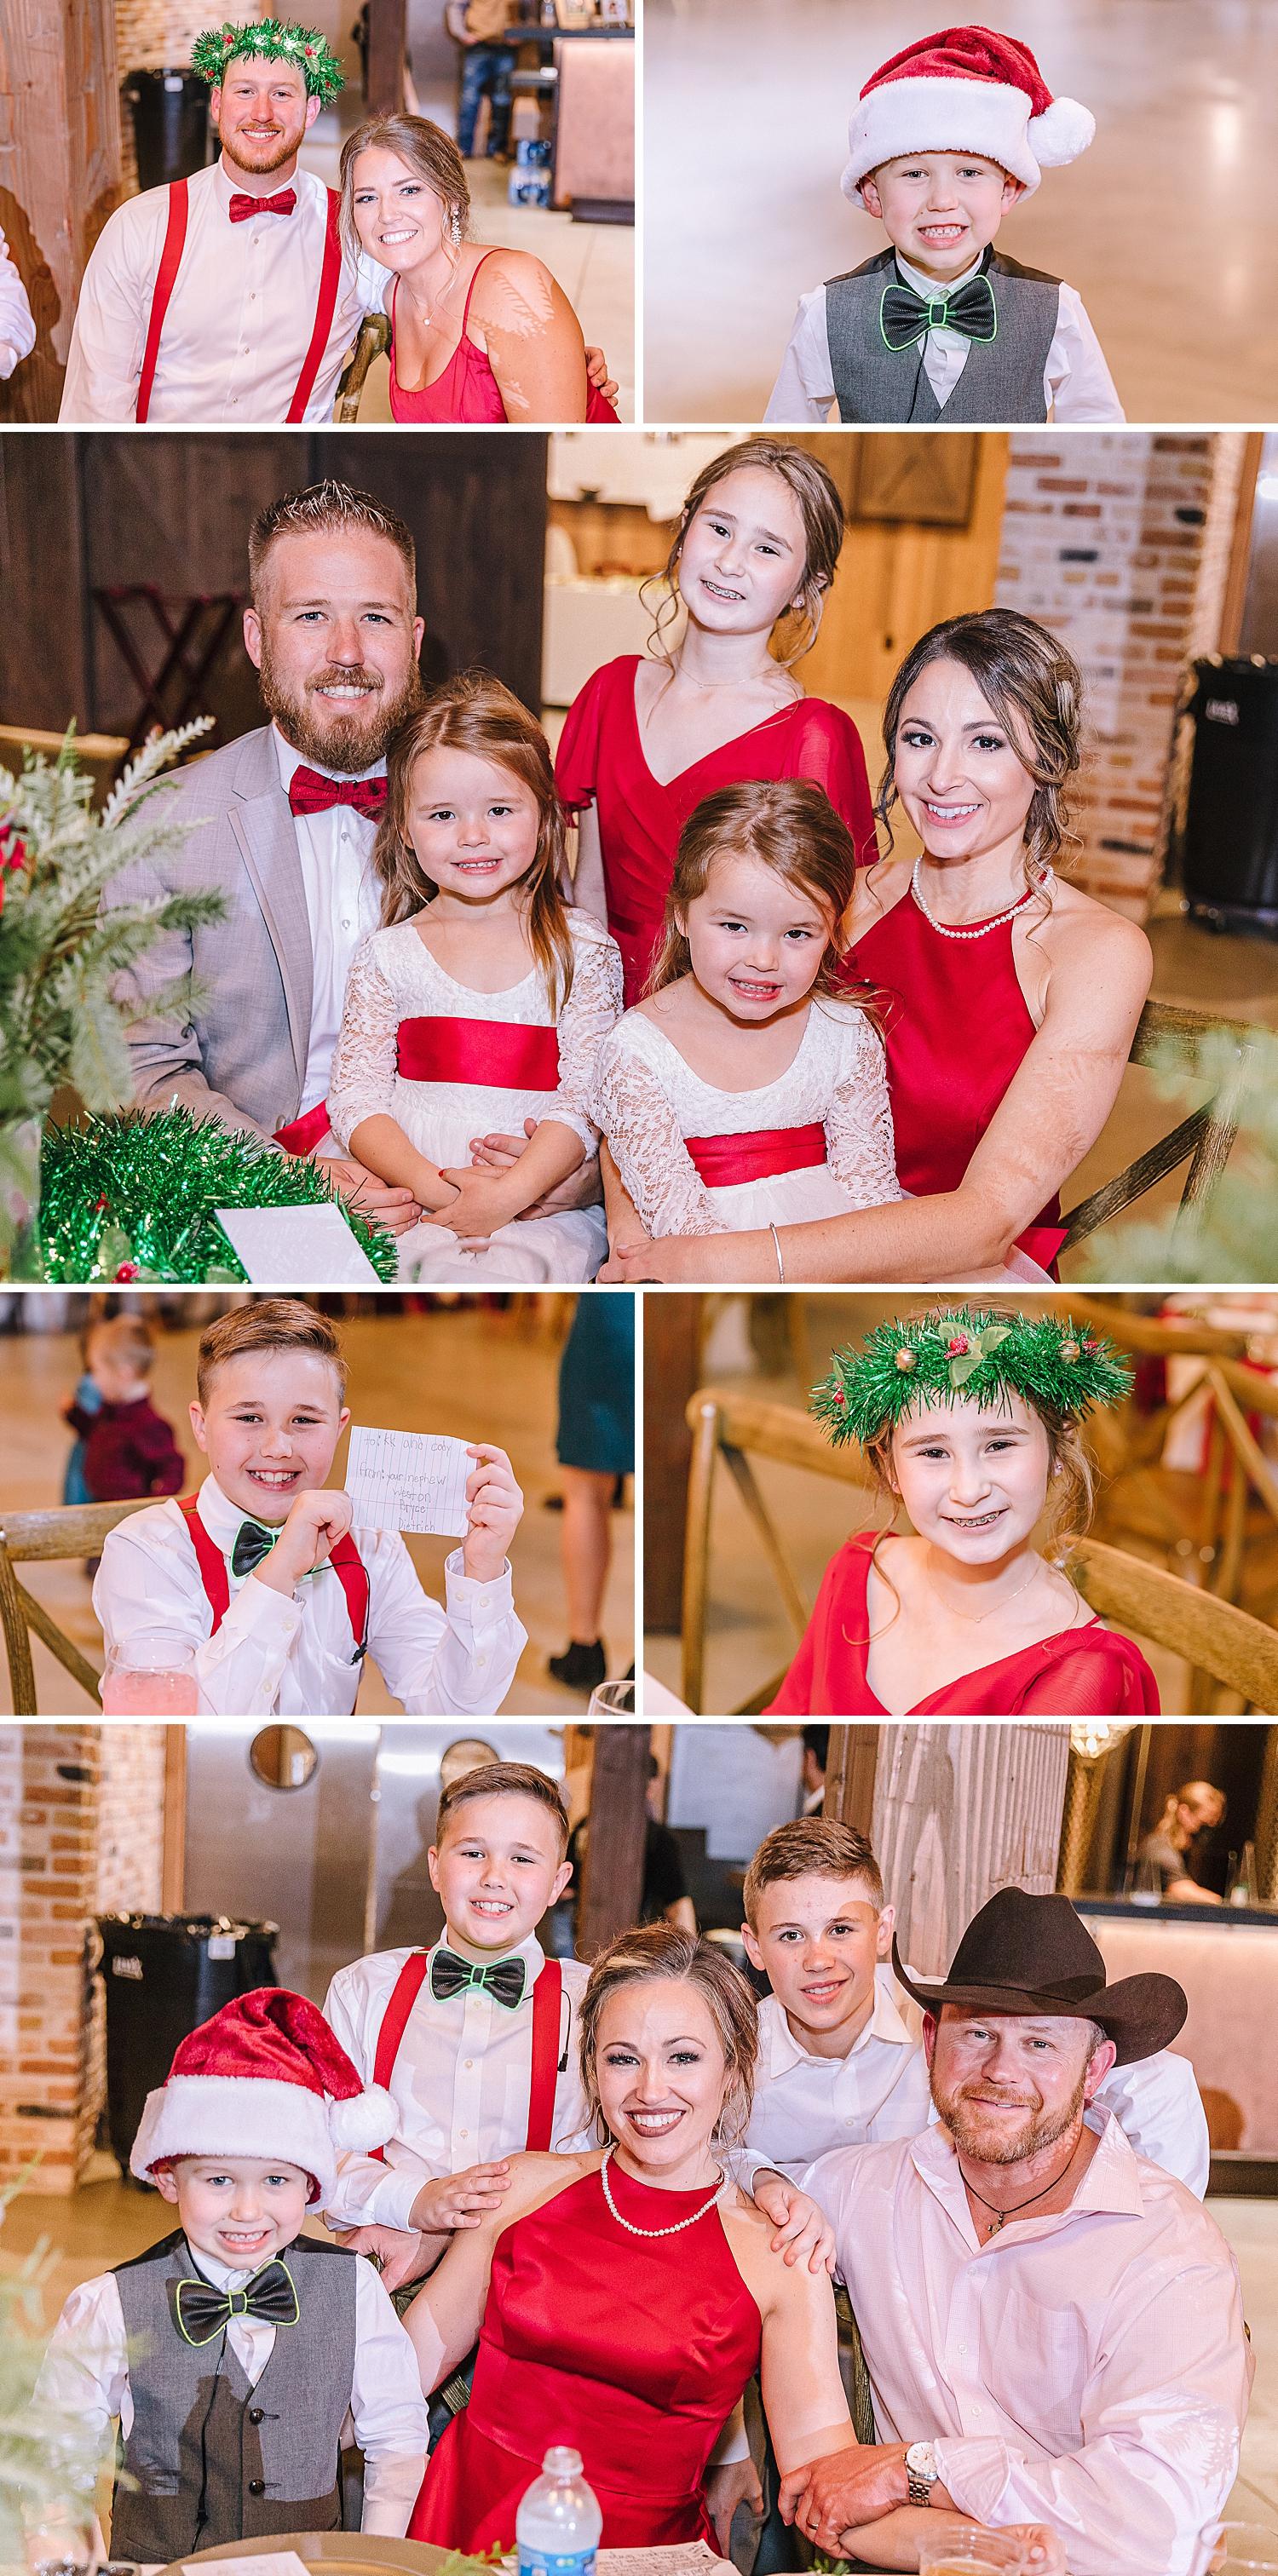 College-Station-Aggie-Wedding-The-Weinberg-at-Wixon-Valley-Christmas-Hallmark-Wedding_0087.jpg